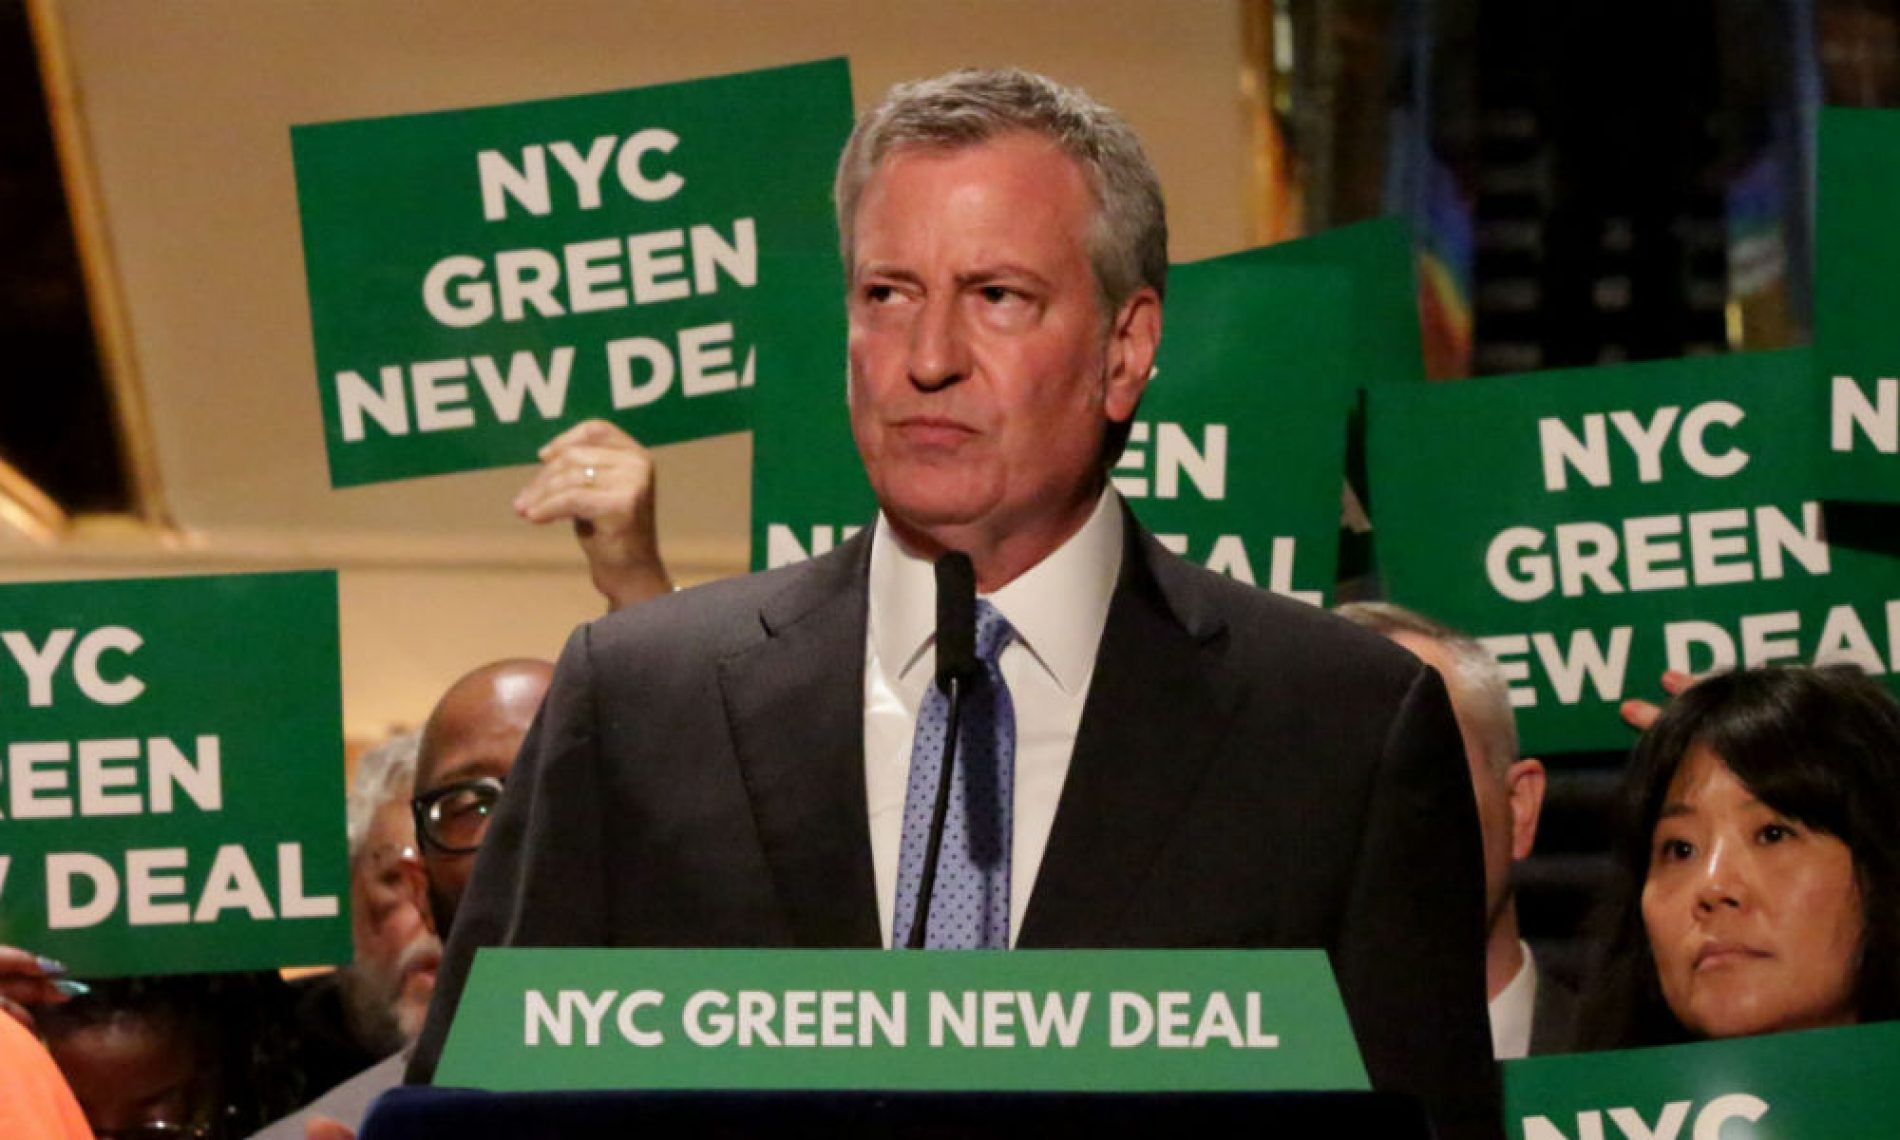 États-Unis : Le maire de New York candidat à la présidentielle 2020